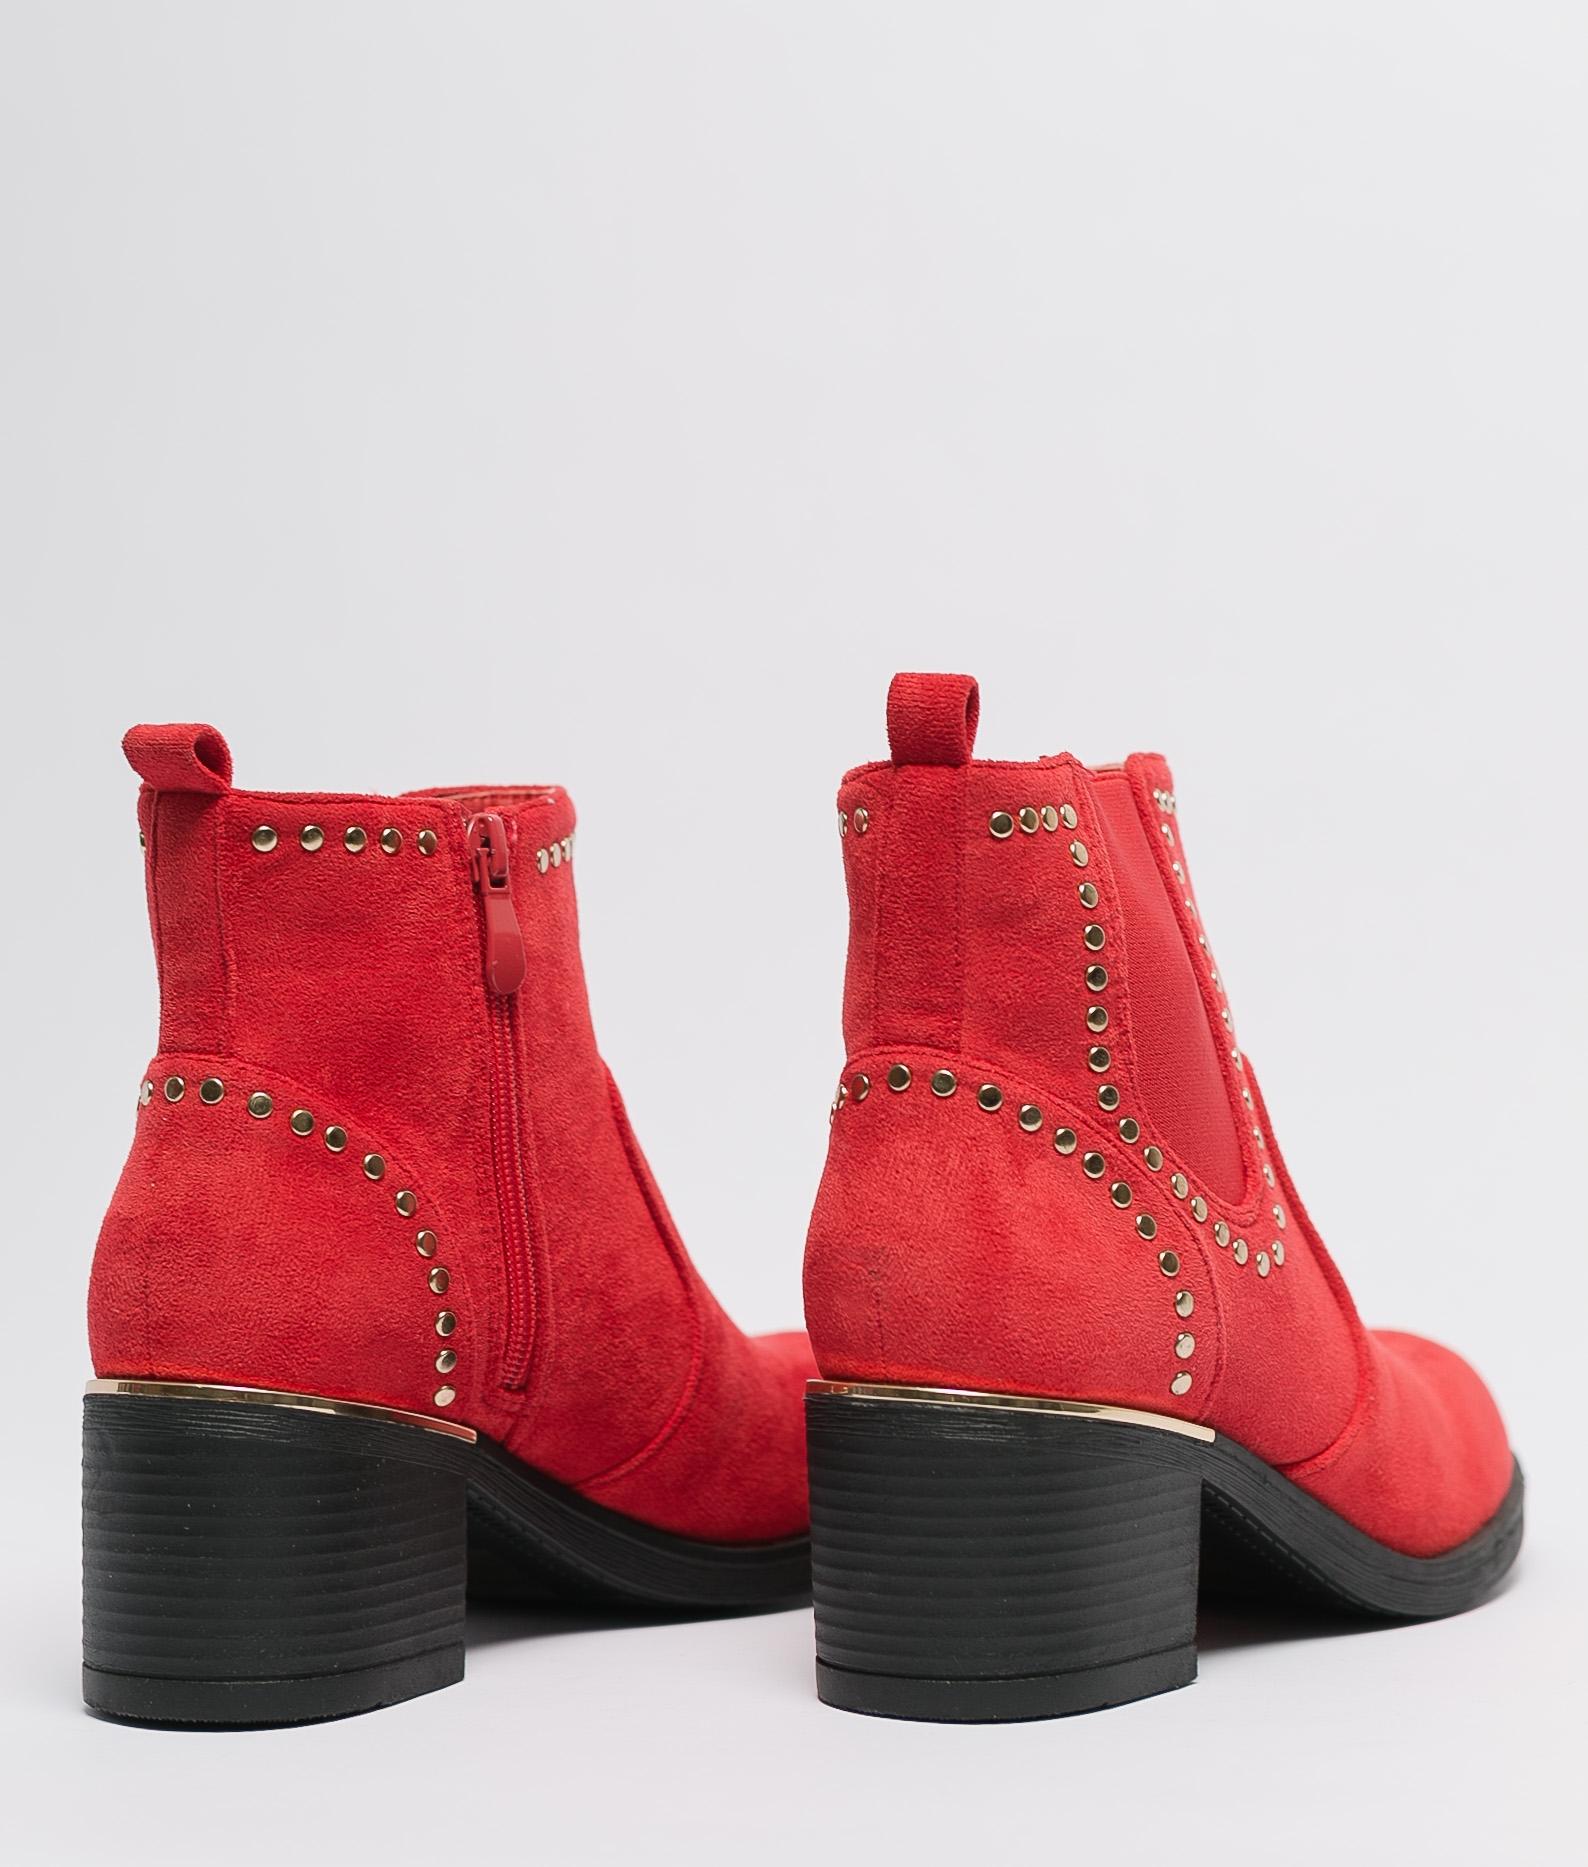 Bota Baja Cabany - Rojo